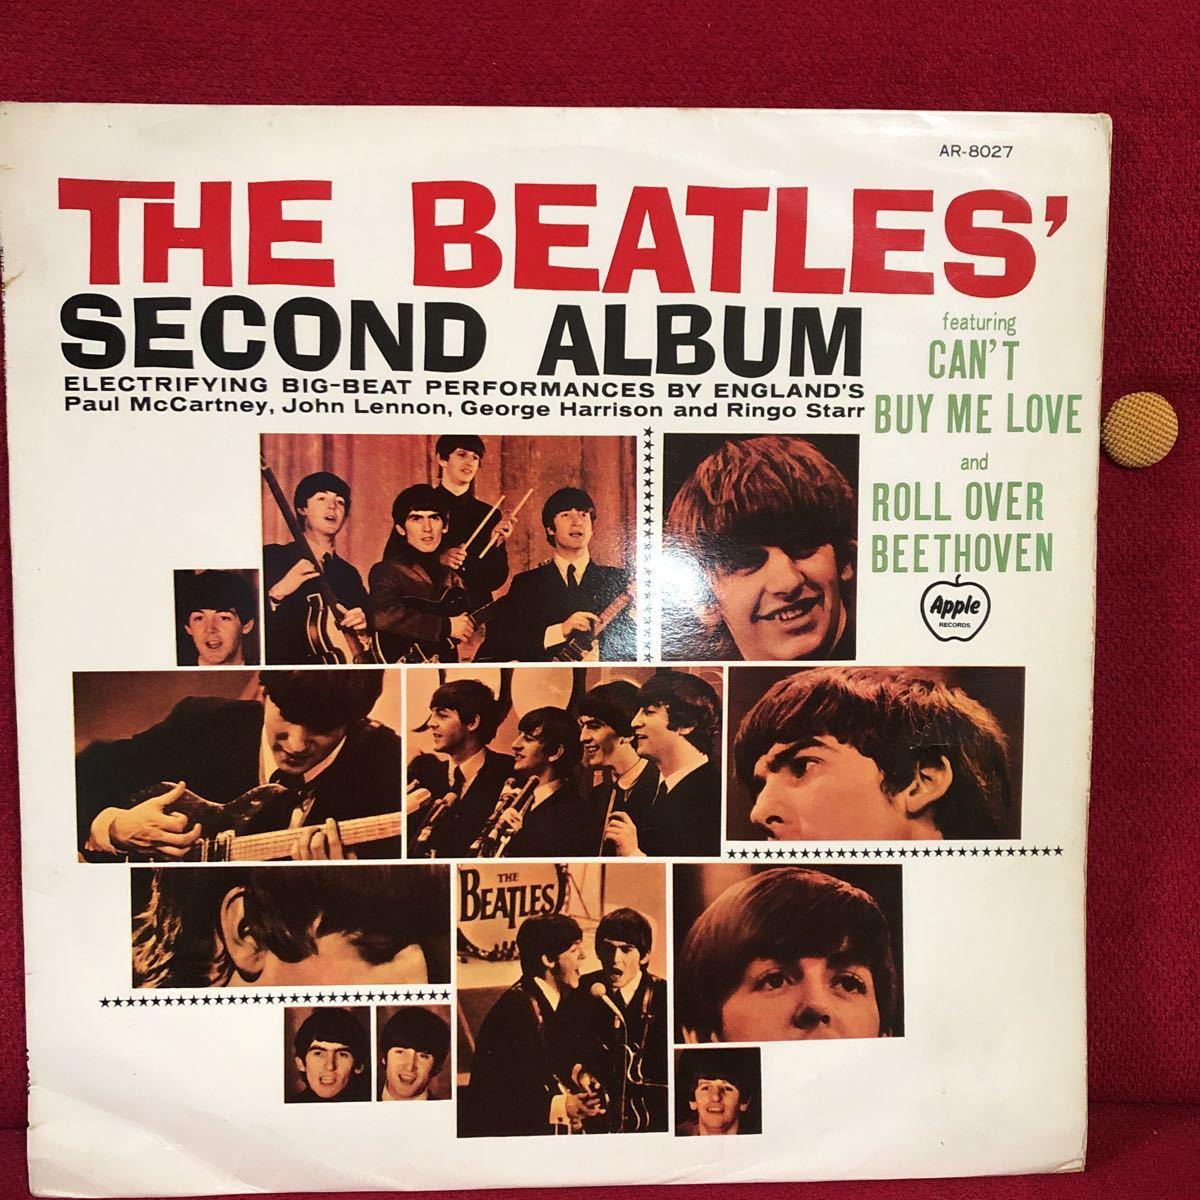 LPレコード★洋楽★THE BEATLES ★ビートルズNO.2!★SECOND ALBUM ★レコード多数出品中  紙ジャケ_画像1